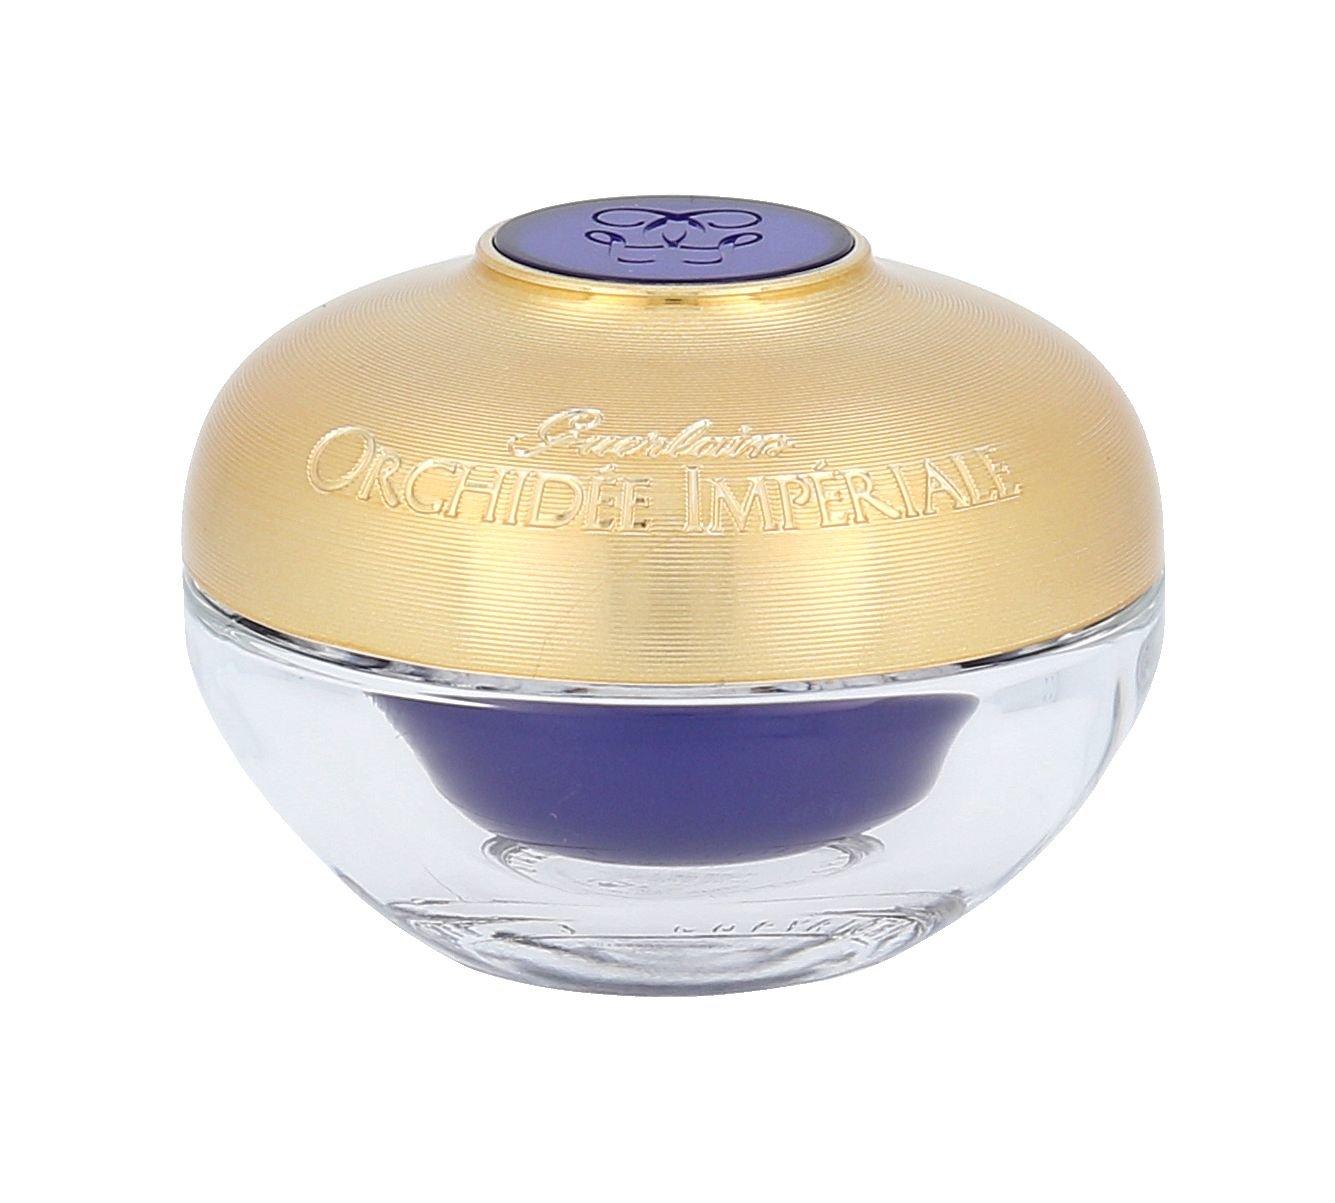 Guerlain Orchidée Impériale Cosmetic 15ml